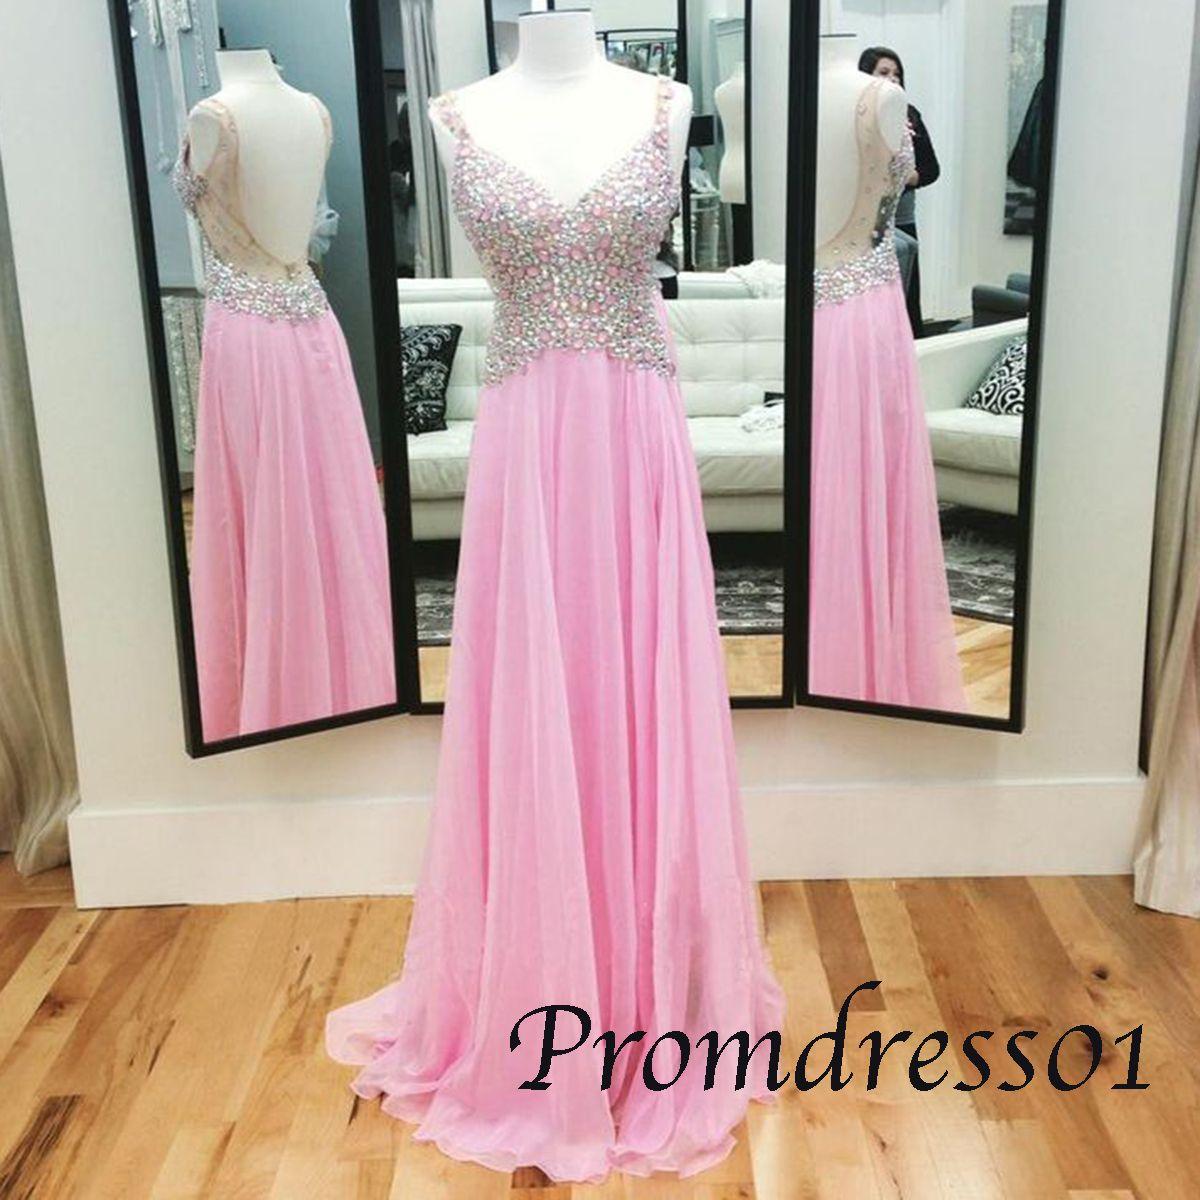 TBdress Prom Dresses Archives | Vestidos graduacion, Graduación y De ...